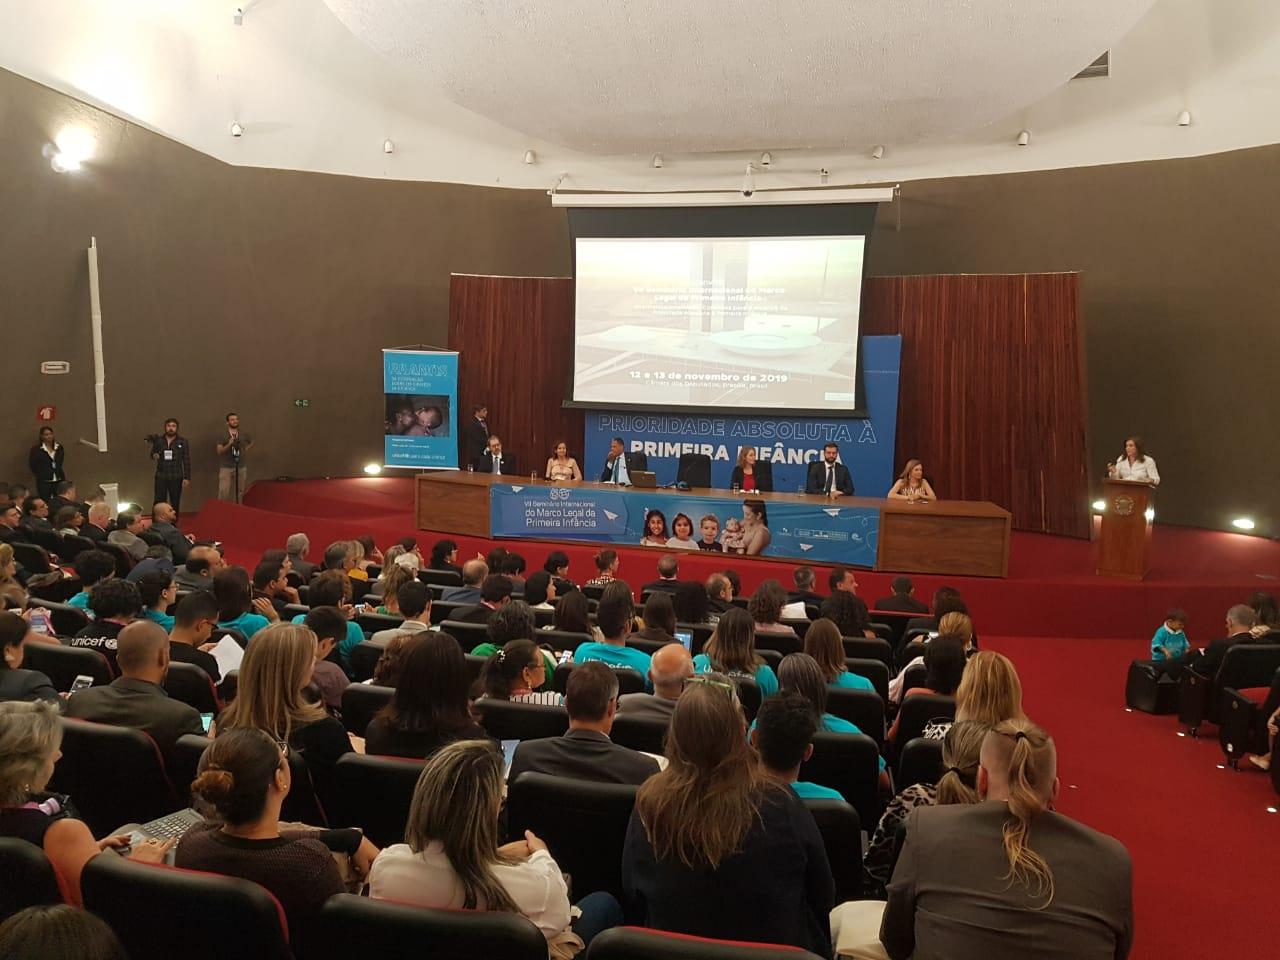 Convenção sobre os Direitos da Criança celebra 30 anos com avanços e desafios